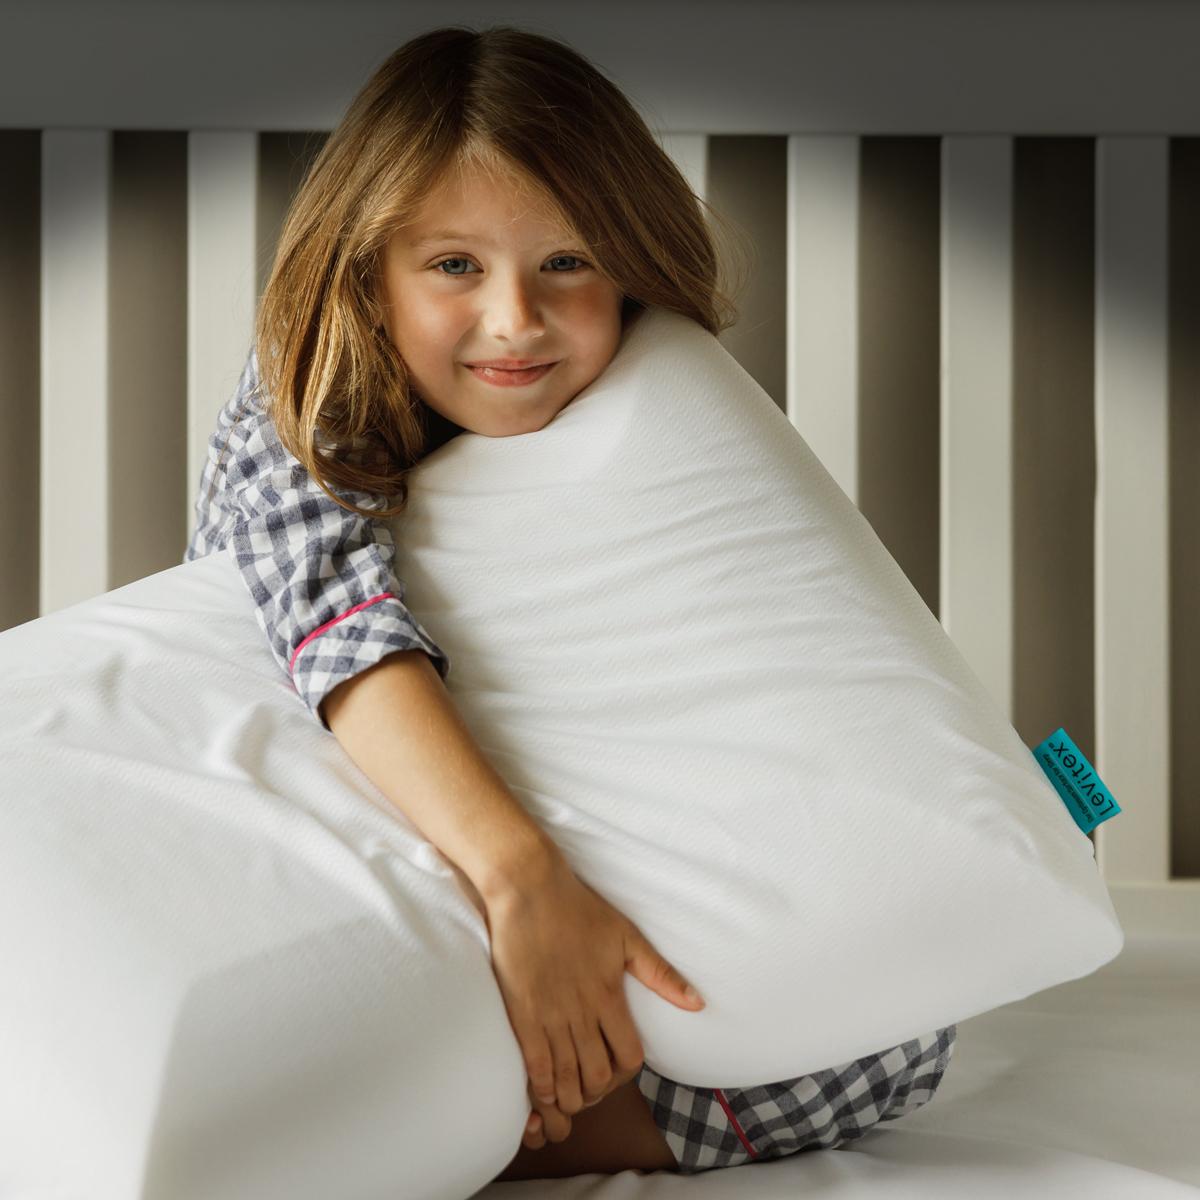 girl holding levitex pillow for neck pain